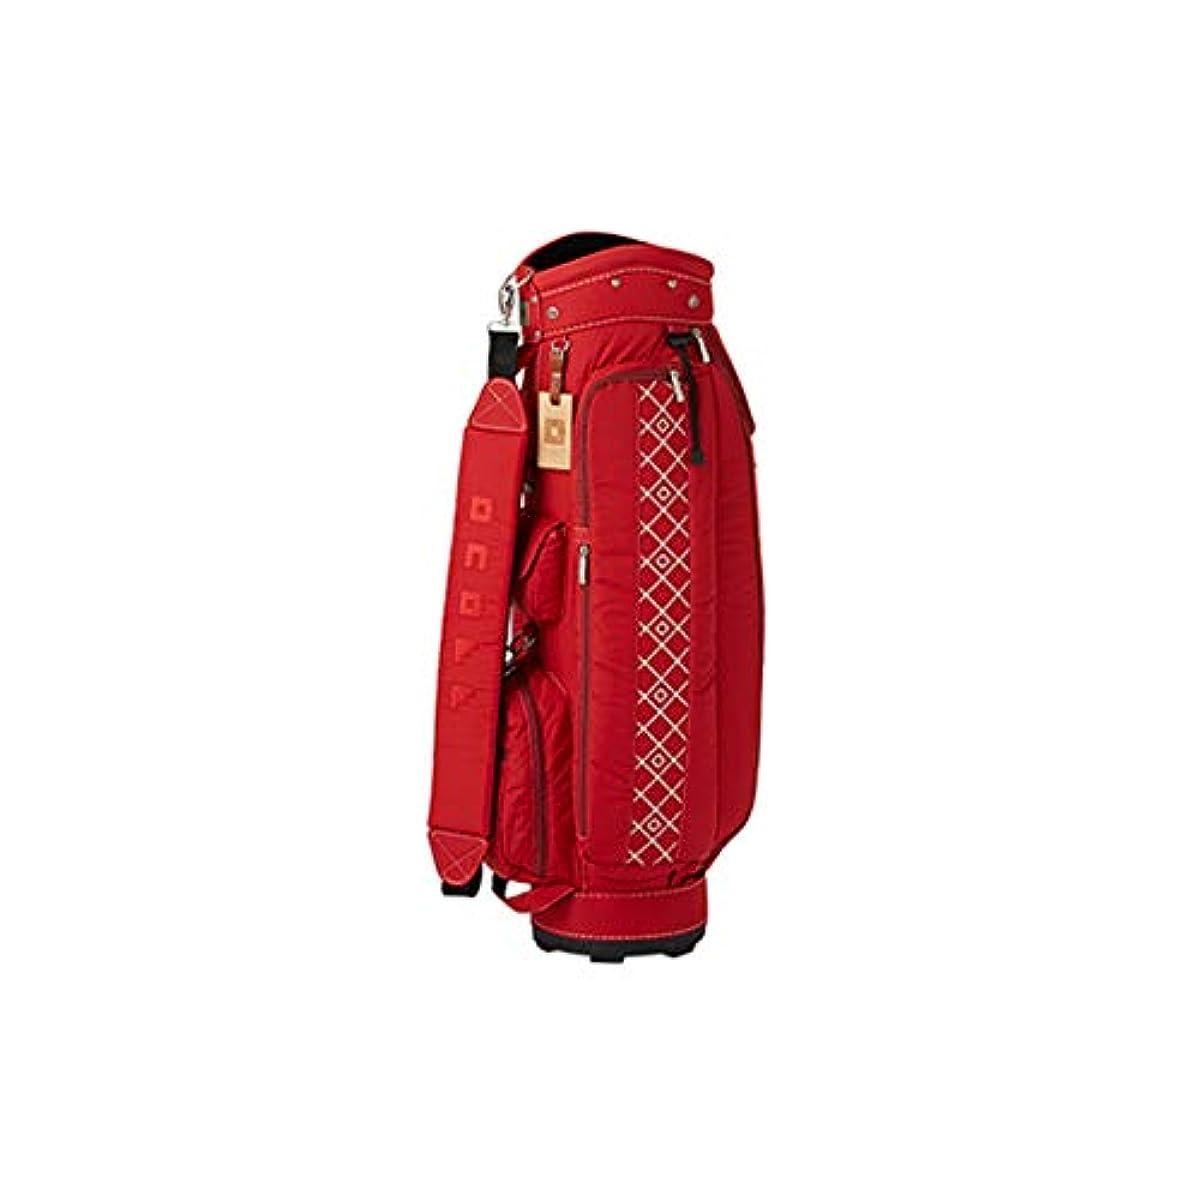 [해외] ONOFF(온오프) 캐데이백 EQUIPMENT FOR LADY 캐데이백 OB0719-03 RED 레드